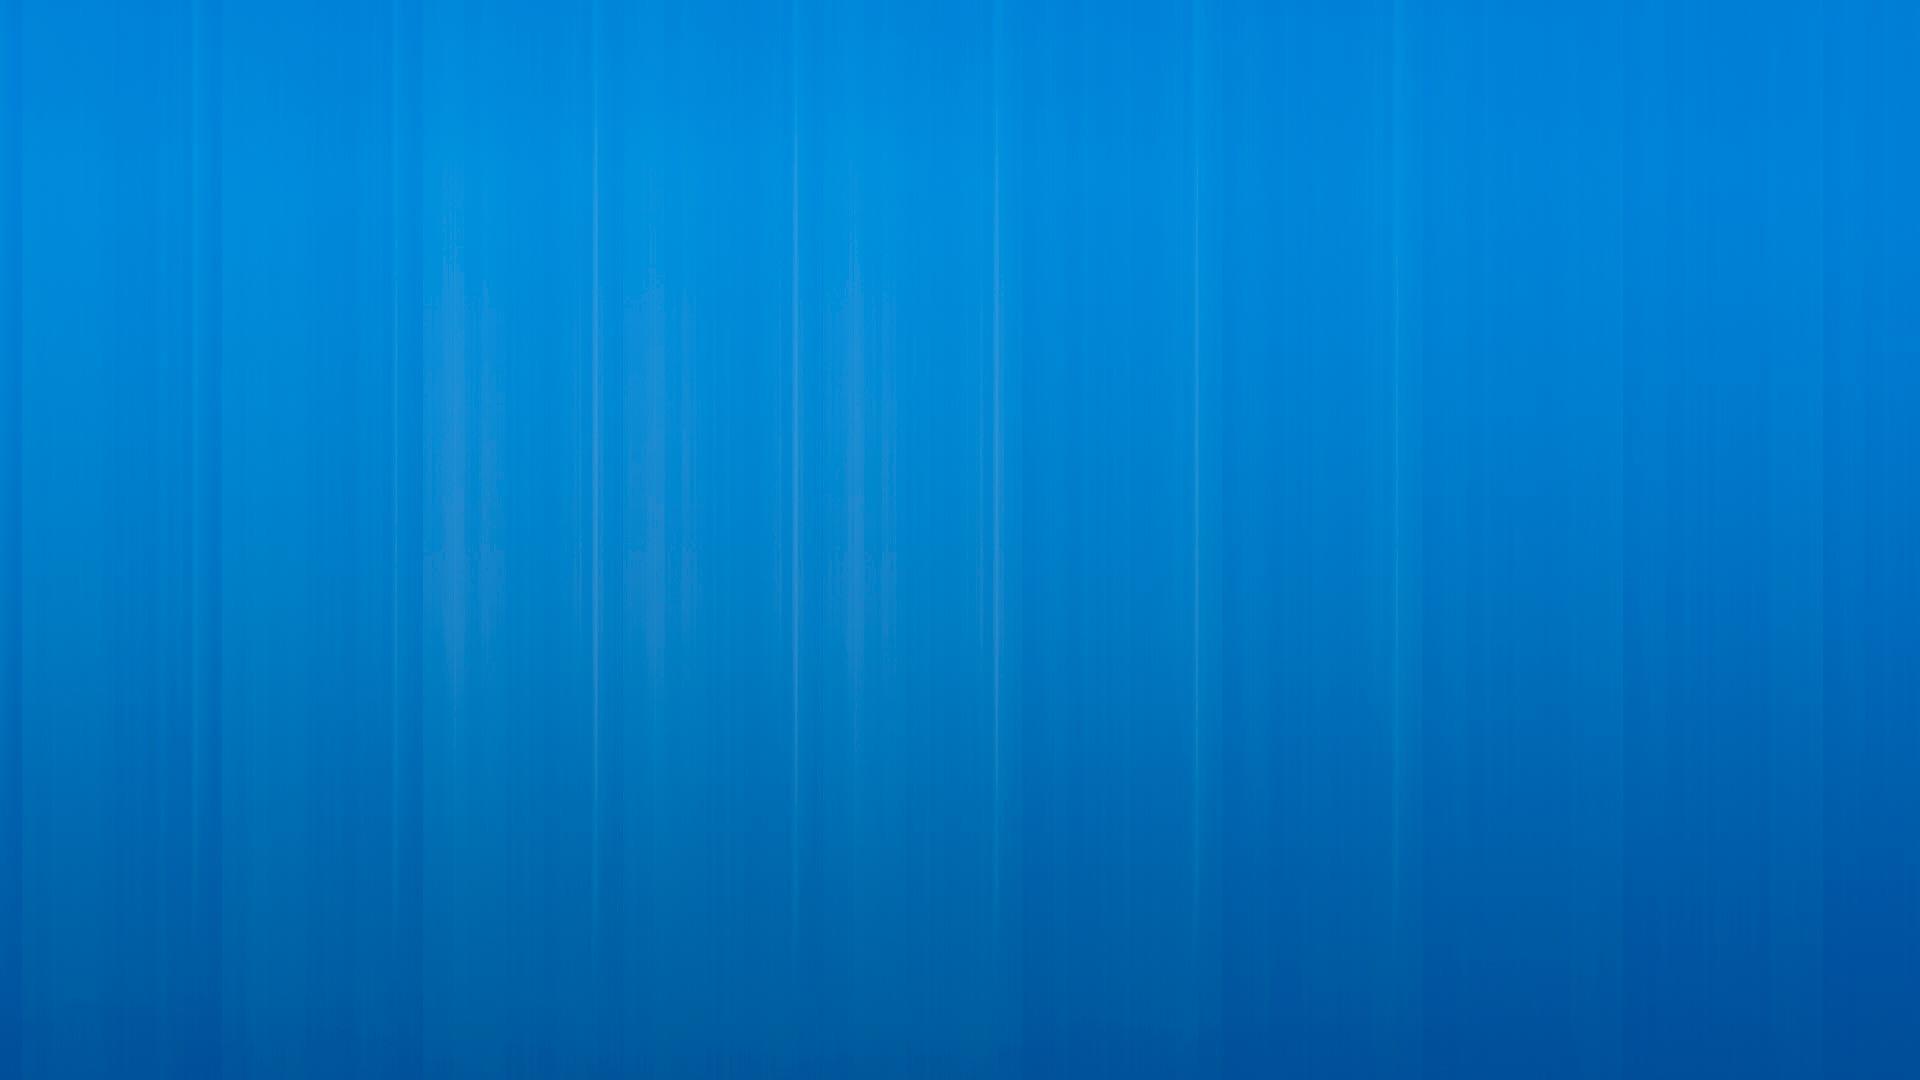 Background Images For Websites Professional Blue